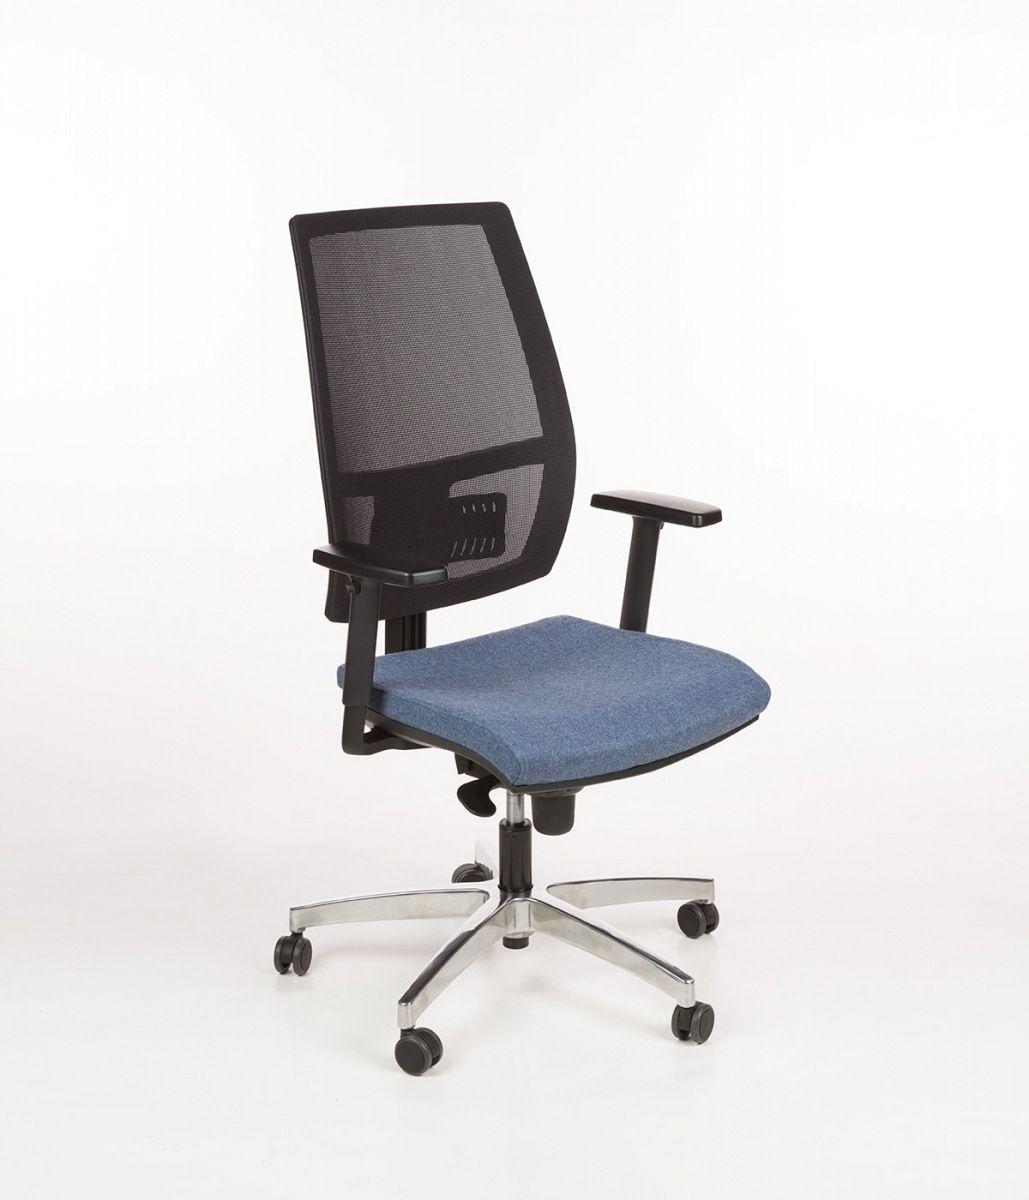 Krzesło biurowe Mira AM 101 Nowy Styl